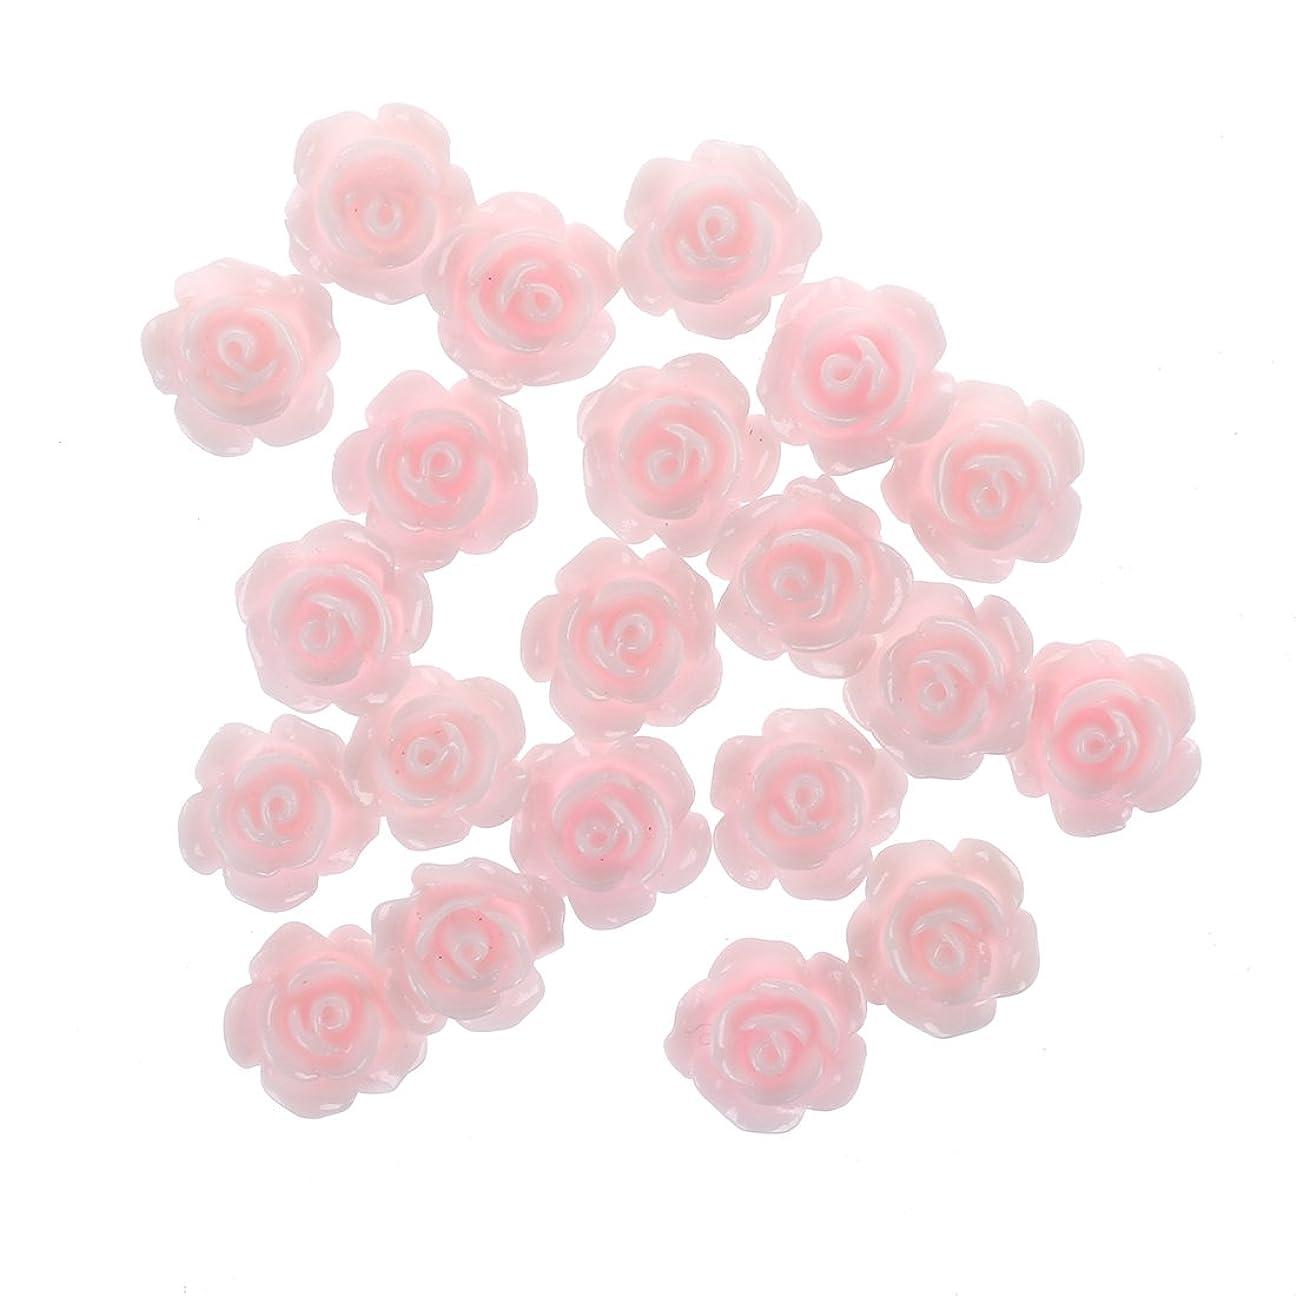 針蓮圧倒するCikuso 20x3Dピンクの小さいバラ ラインストーン付きネイルアート装飾